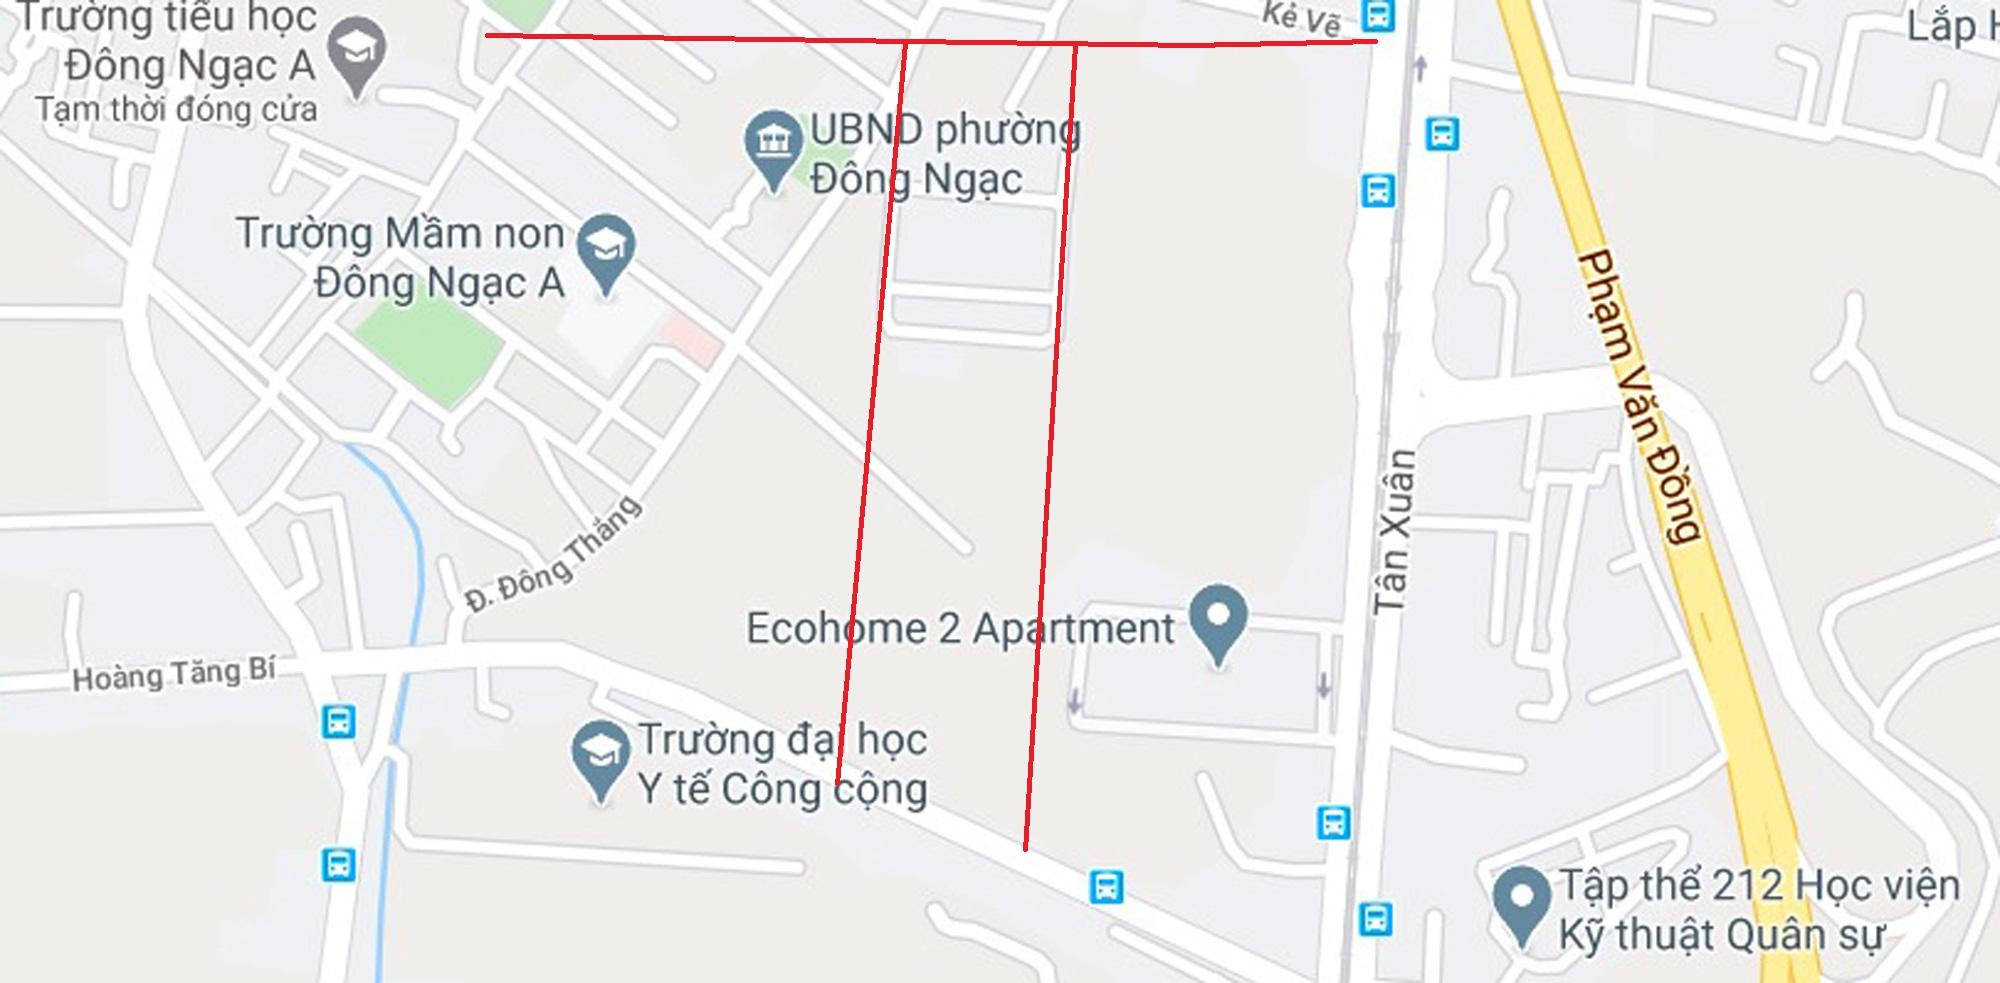 4 đường sẽ mở theo qui hoạch ở phường Đông Ngạc, Bắc Từ Liêm - Ảnh 8.